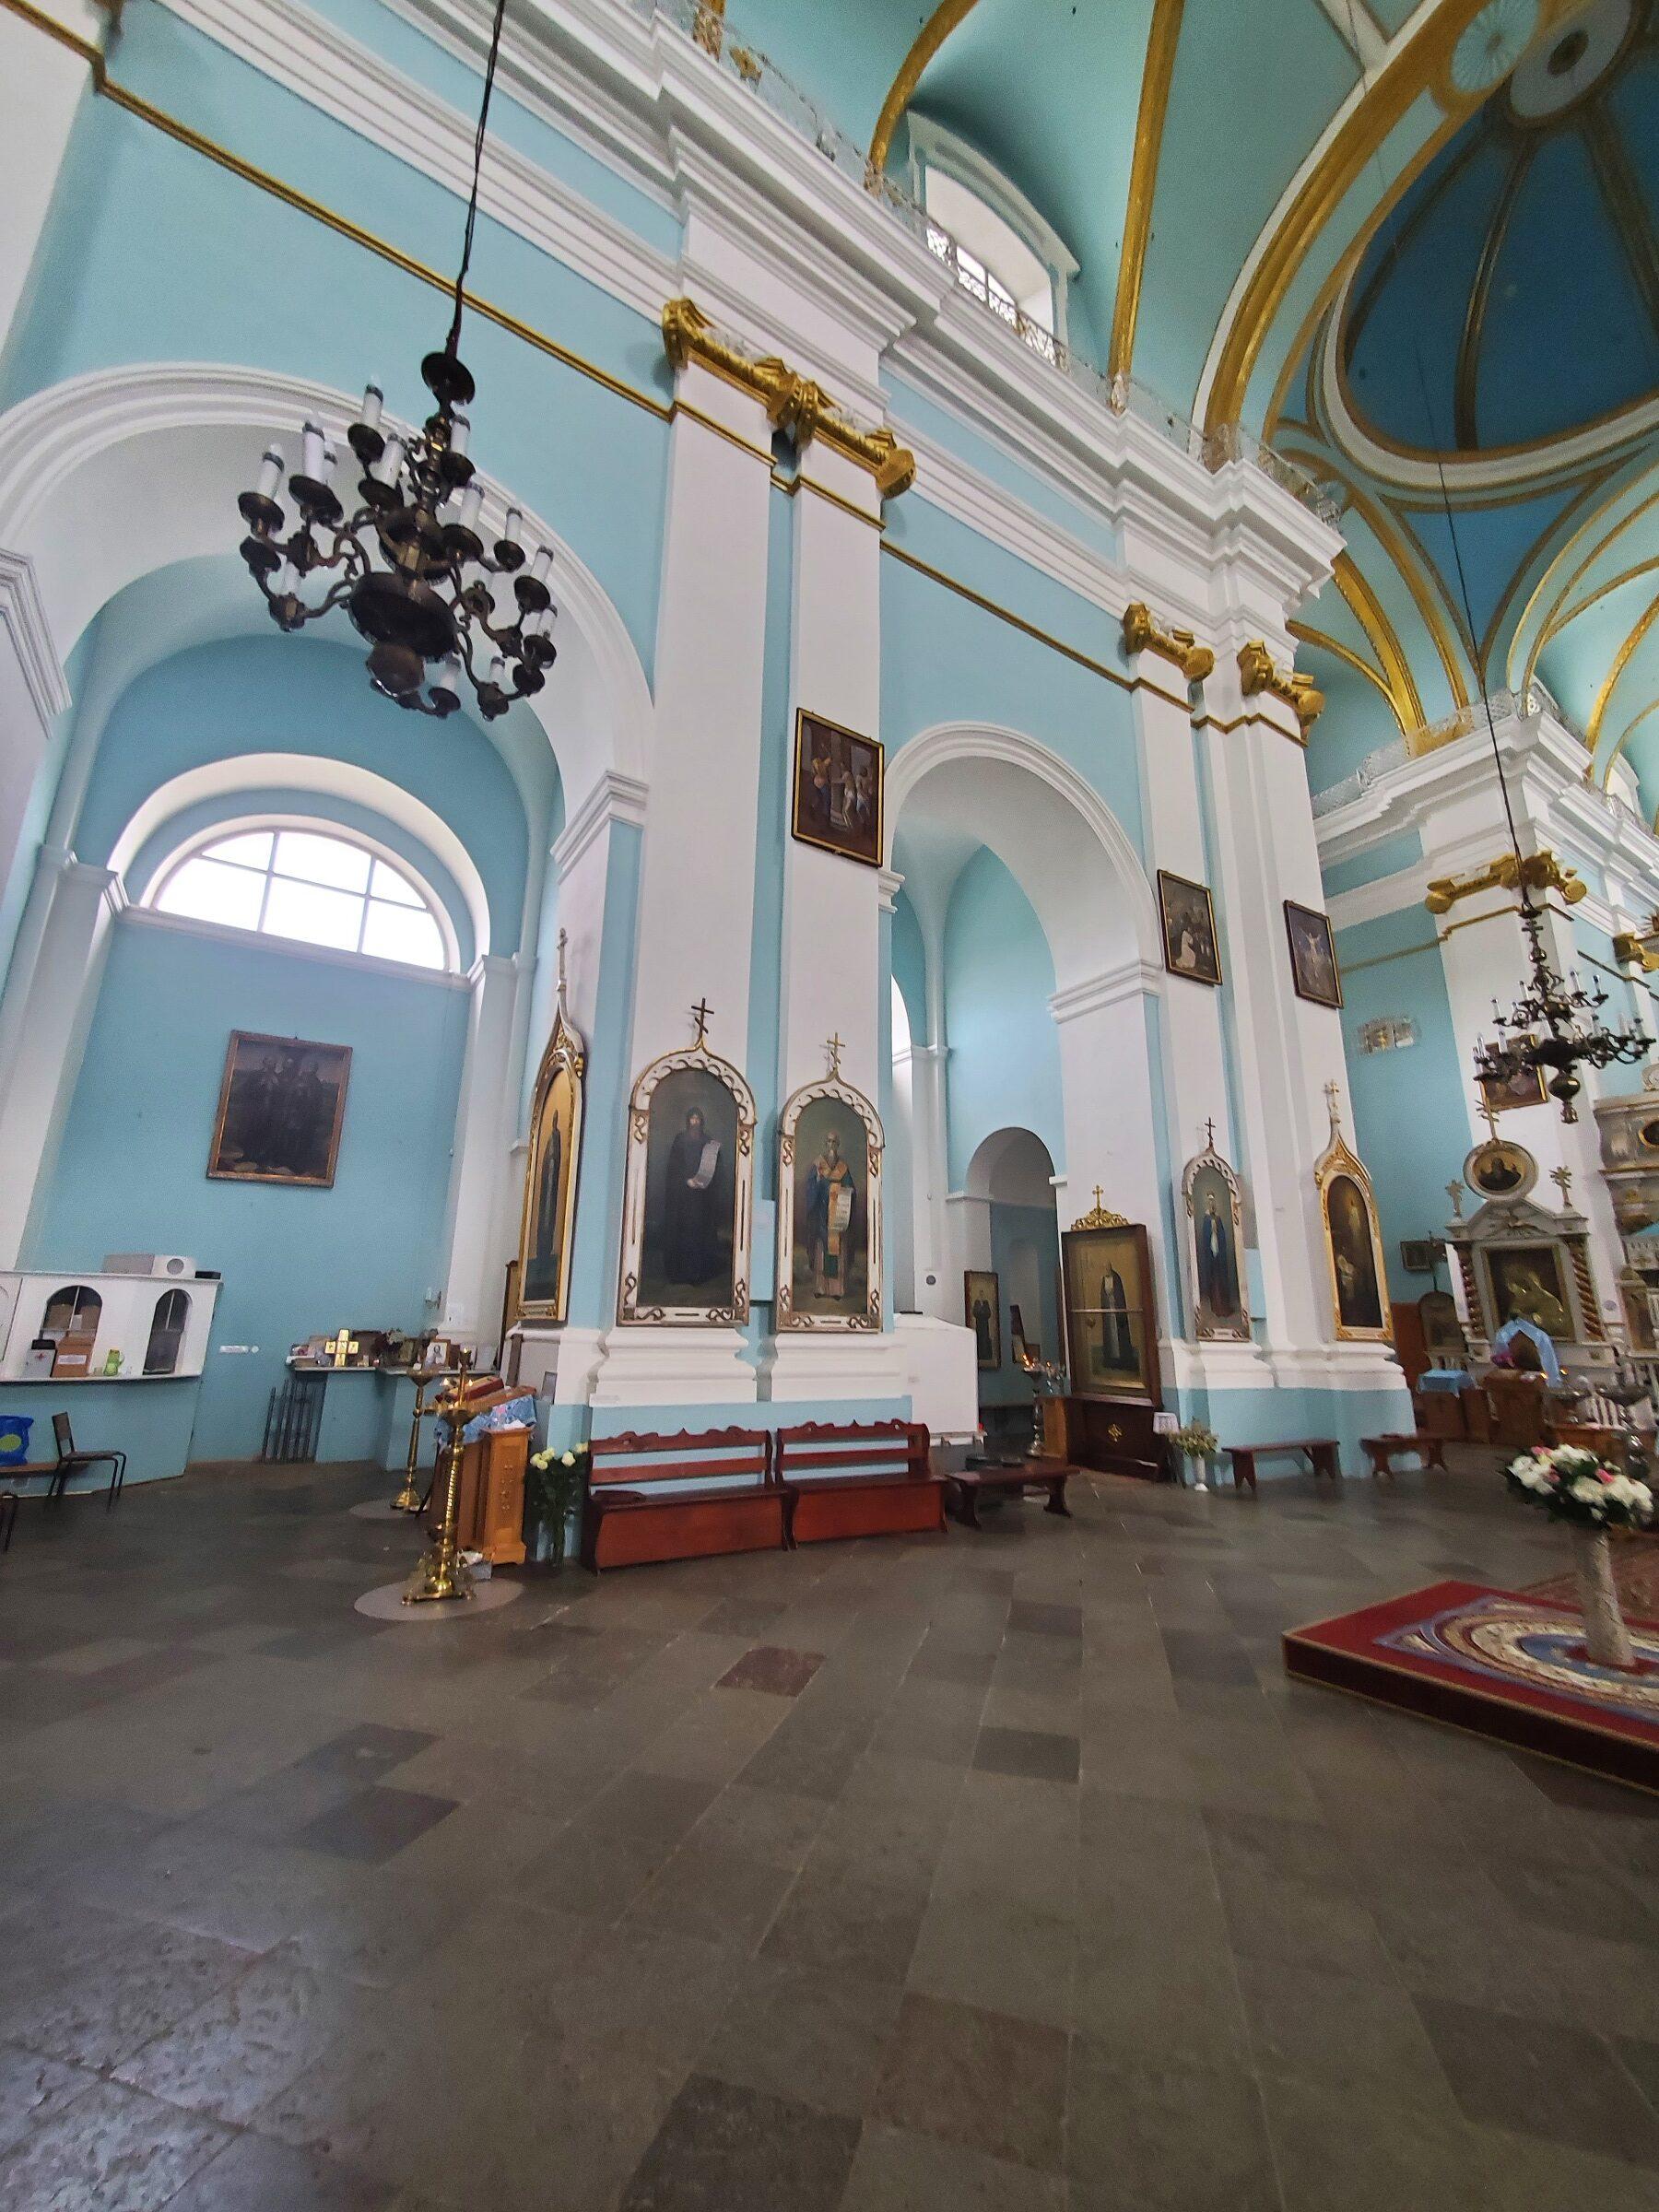 20200703 121924 rotated - Собор Рождества Пресвятой Богородицы в Глубоком